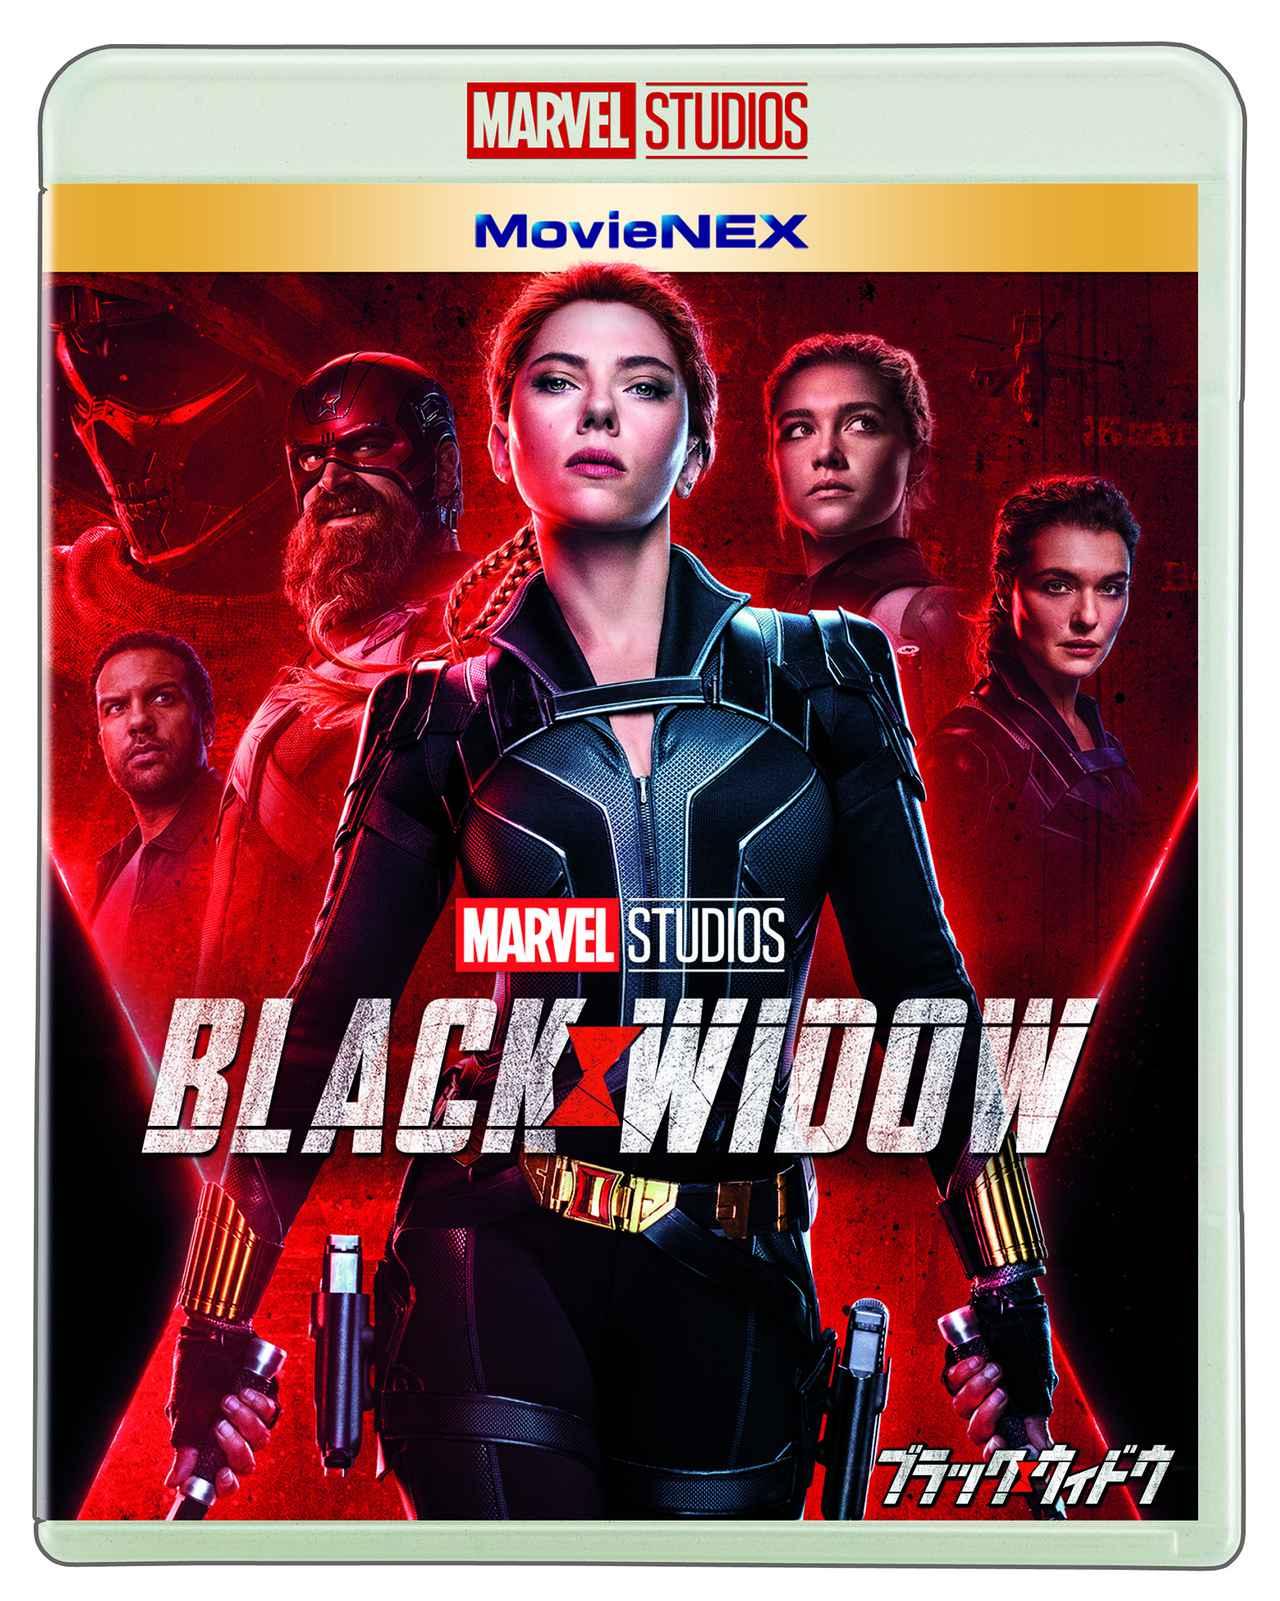 画像6: 『ブラック・ウィドウ』MovieNEX本日発売!ビジュアルと共にナターシャの歴史を振り返る